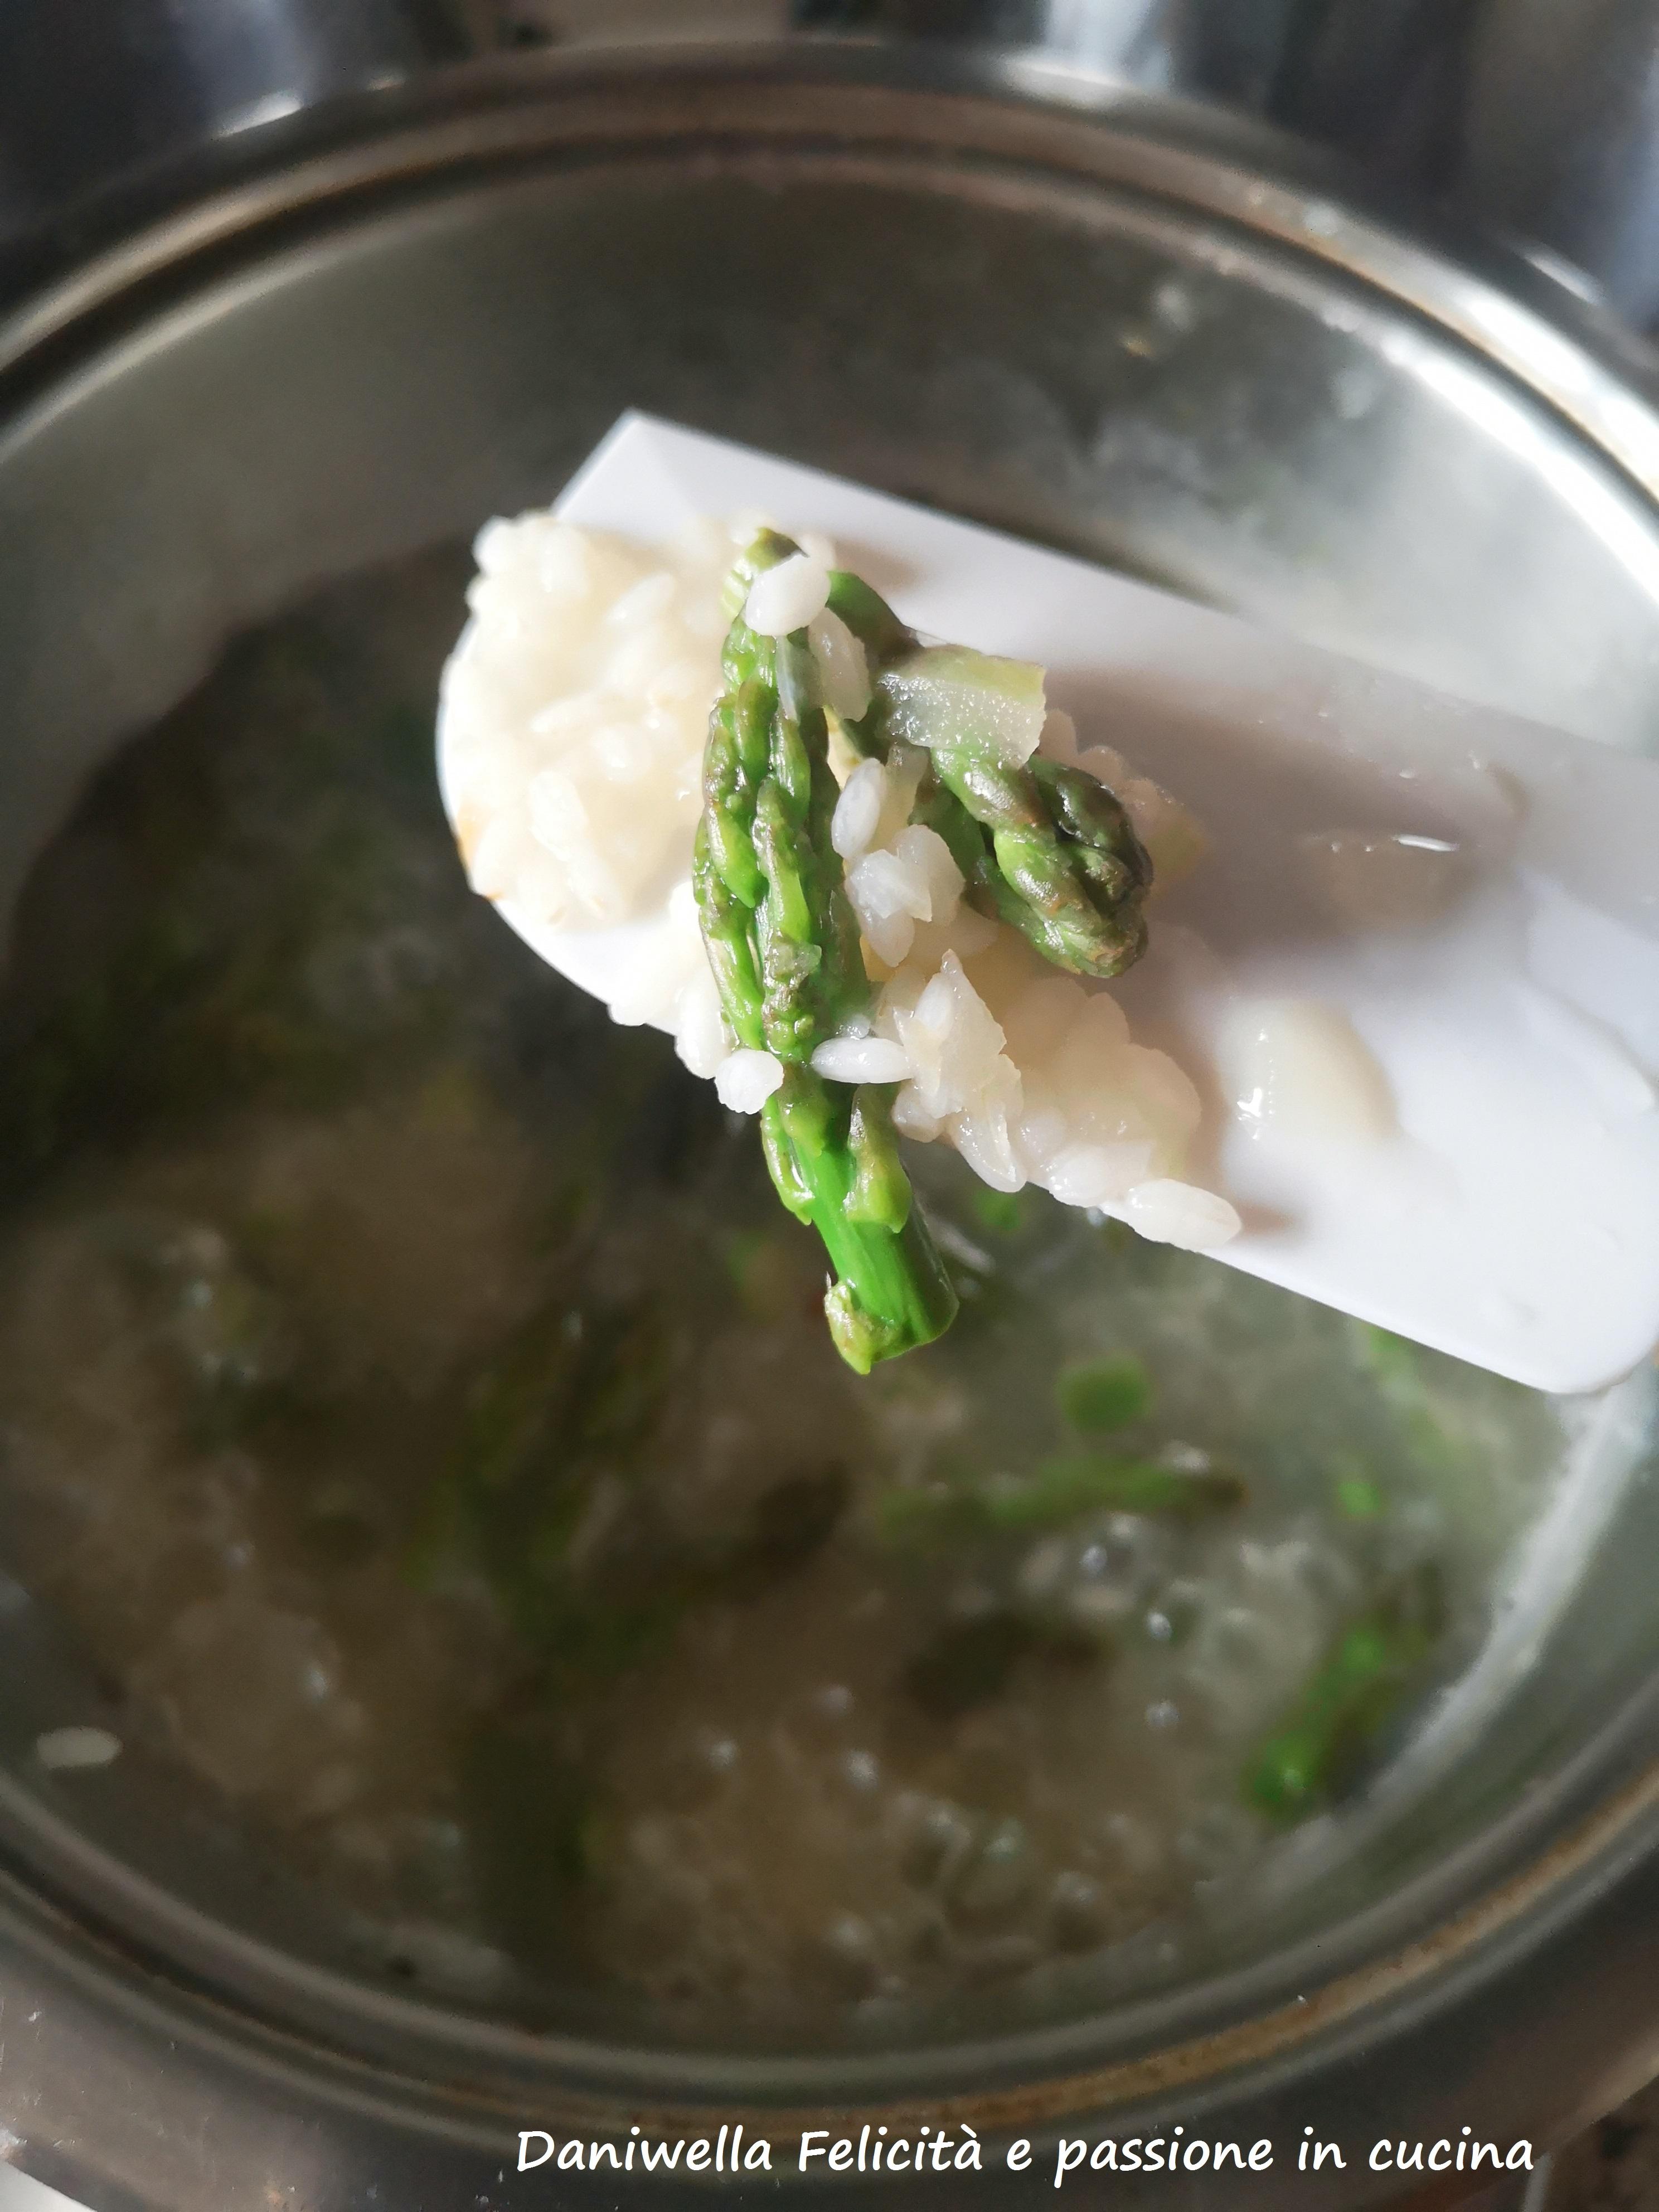 Aggiungete le punte messe da parte che si cuoceranno insieme al riso.